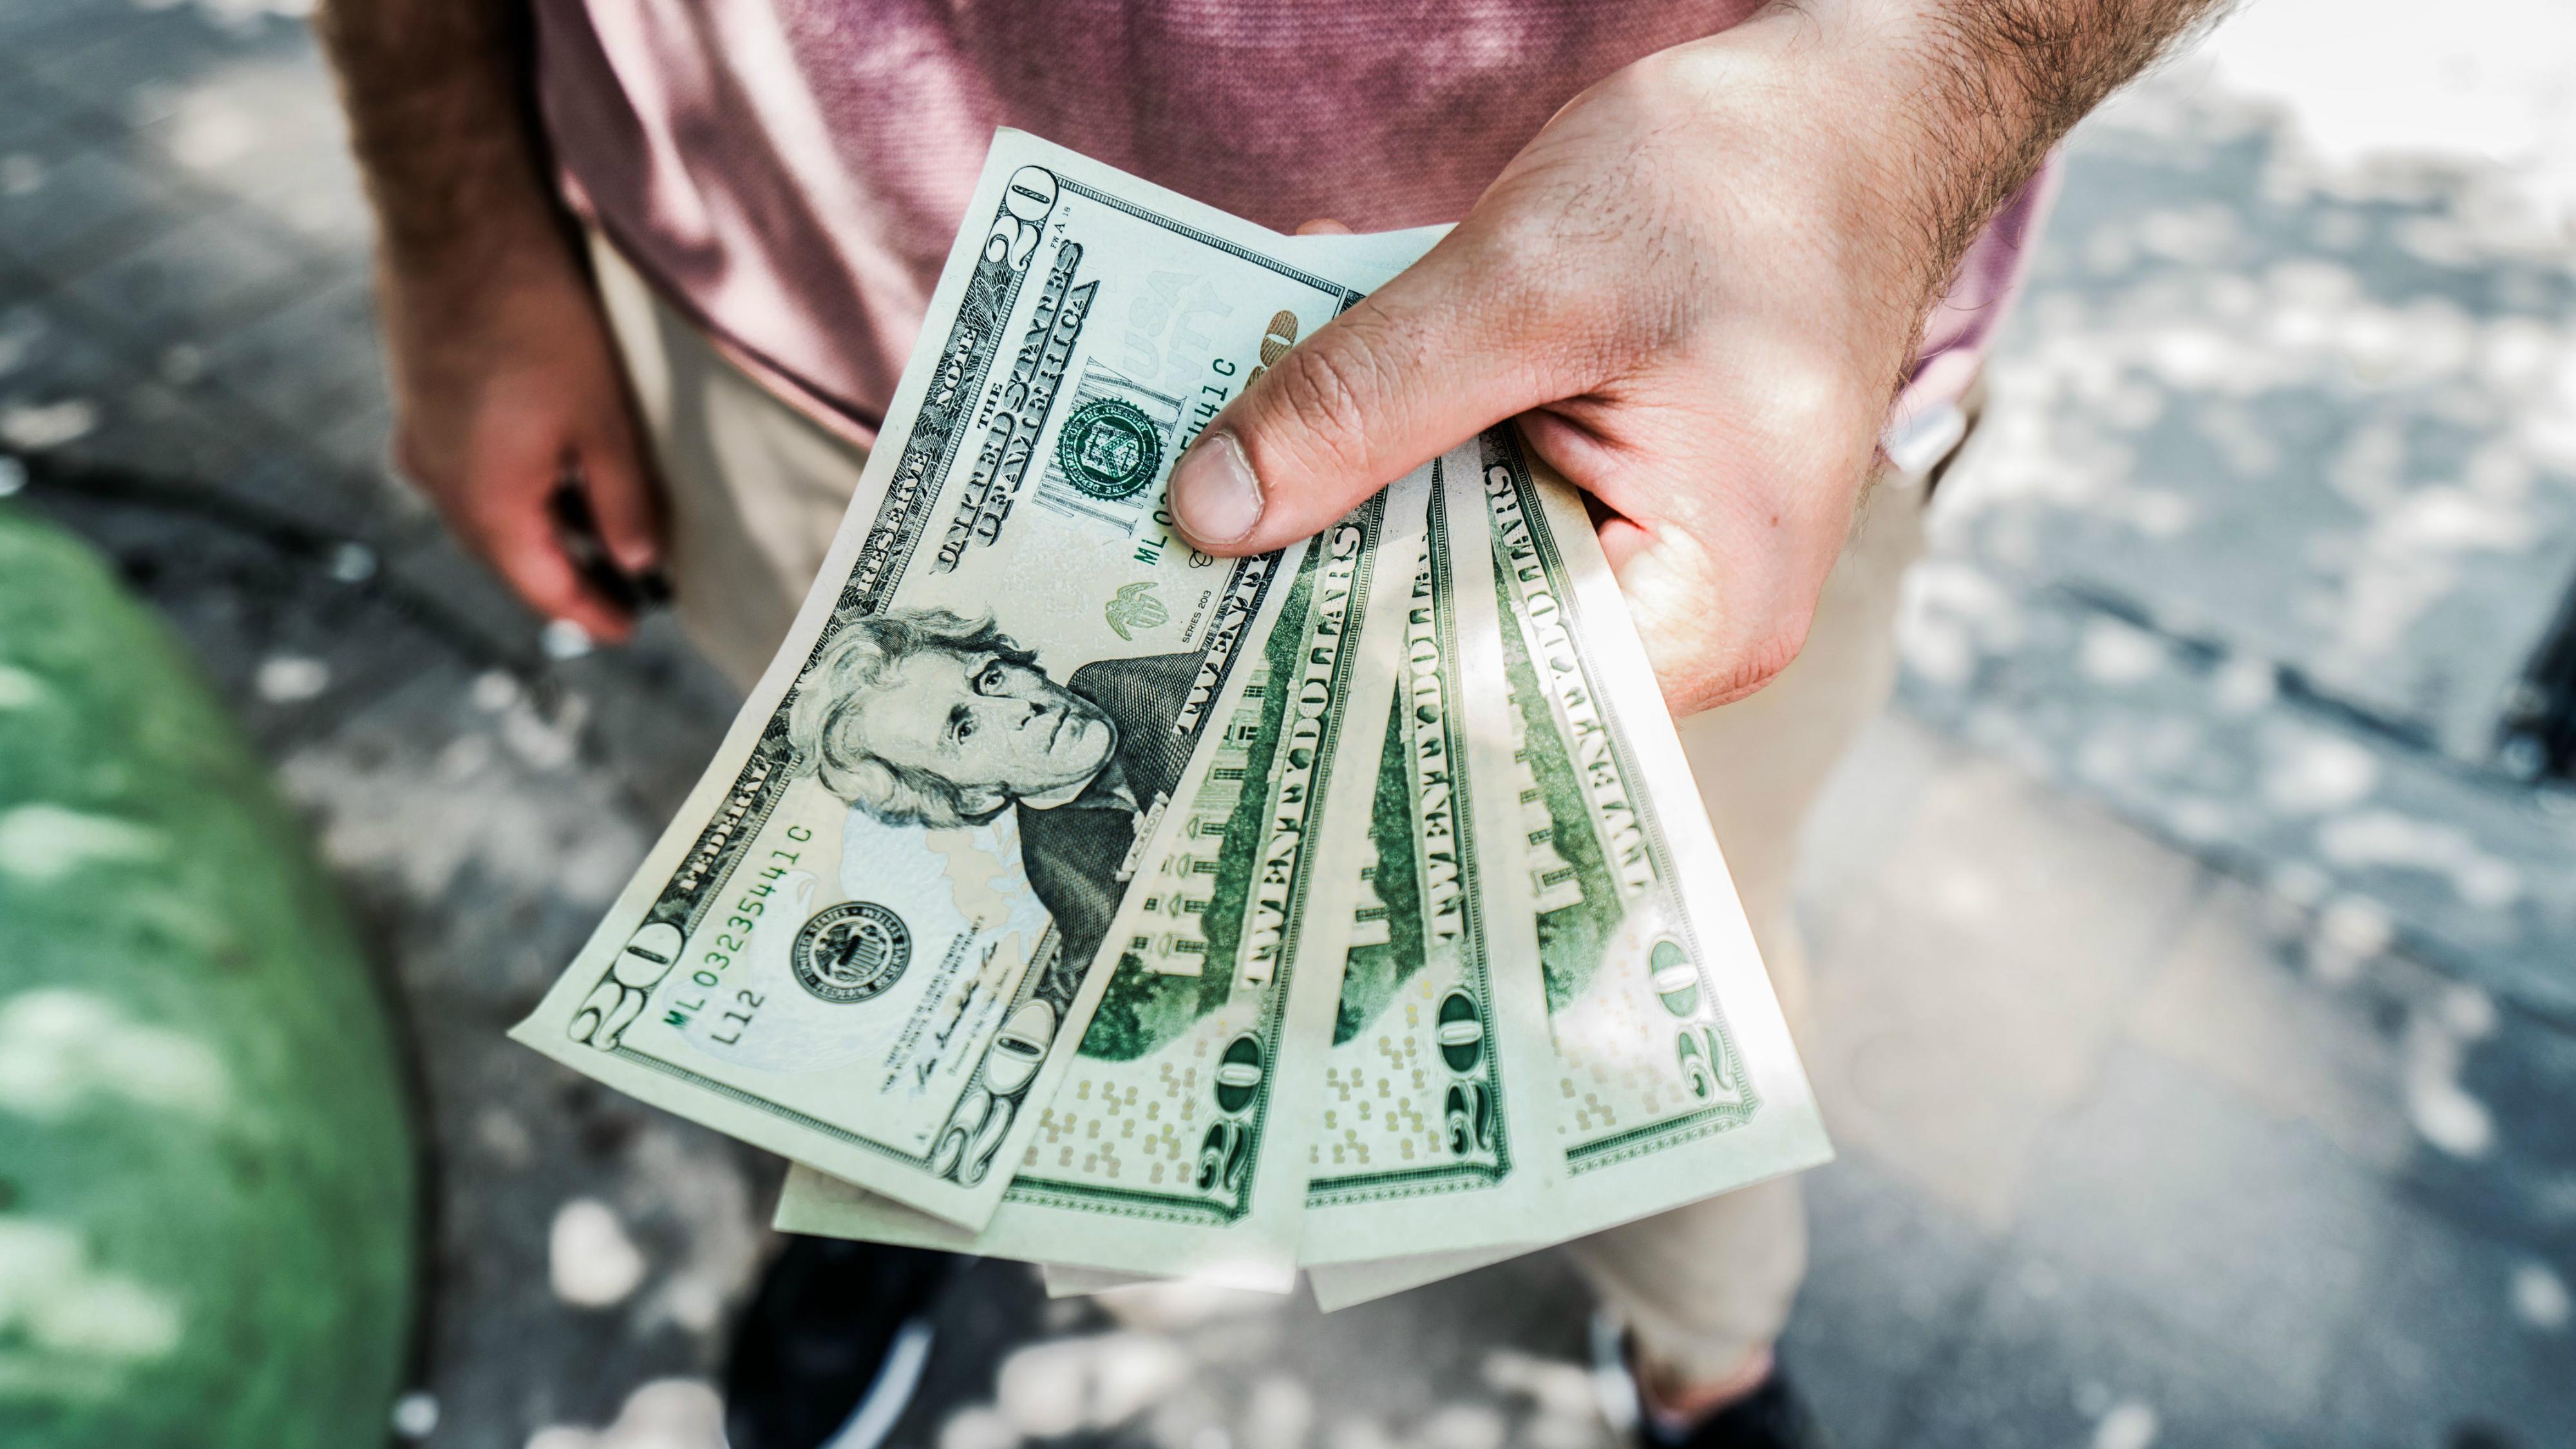 pelnīt lielu naudu likumīgi